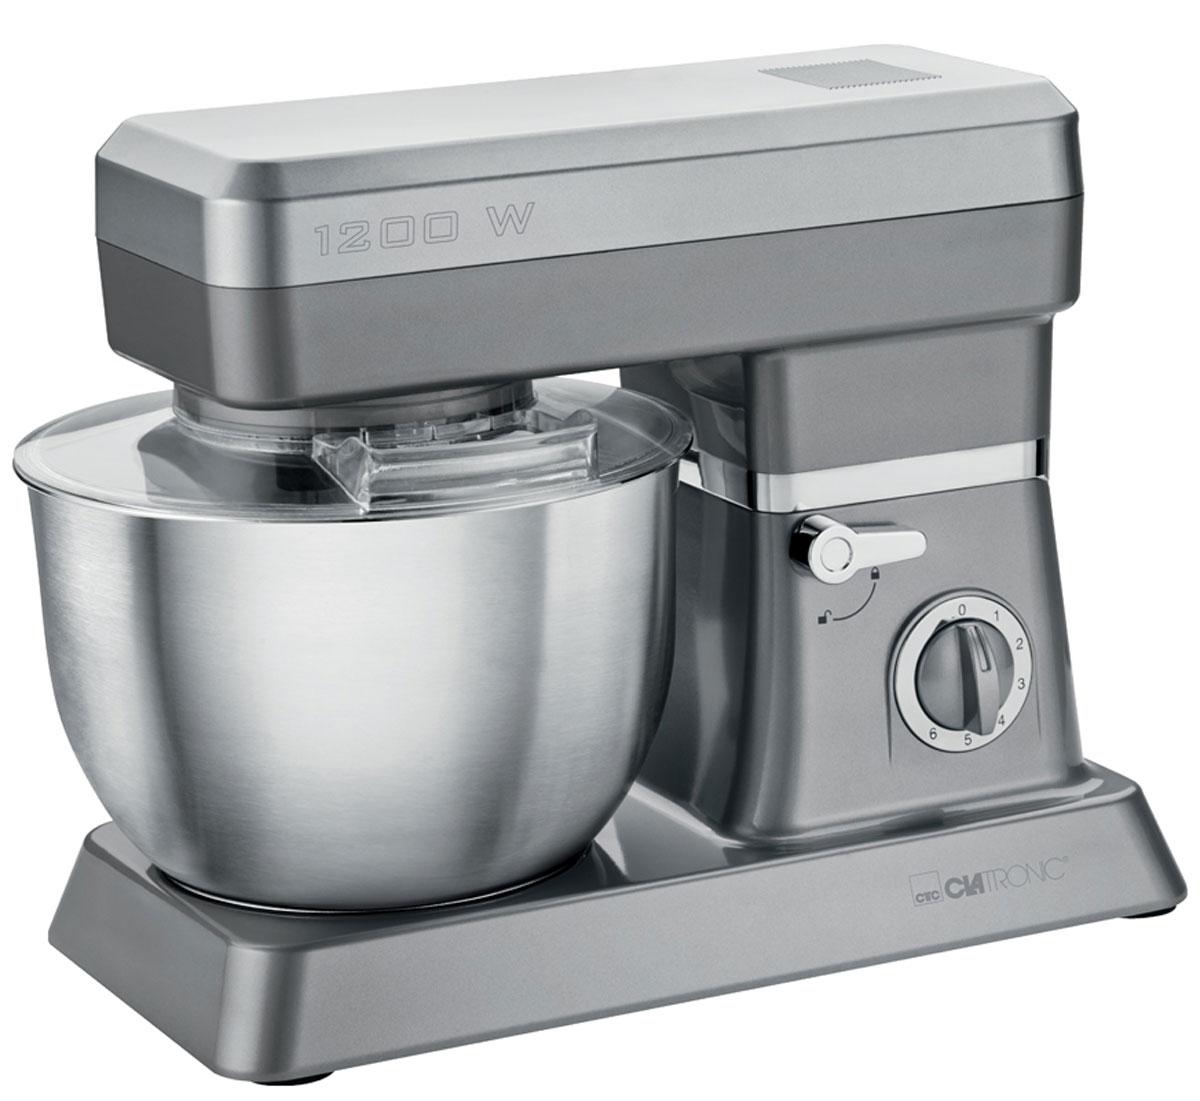 Clatronic KM 3630, Gray кухонный комбайнKM 3630 titanСтационарный миксер Clatronic KM 3630 станет прекрасным помощником для любой хозяйки С ним вы сможетеготовить невероятно вкусные и аппетитные блюда, при этом сократив время их приготовление. Основнымназначением прибора является изготовление различных видов теста и кремов. Миксер качественно и быстроперемешивает различные ингредиенты, что дает возможность избежать комочков.Clatronic KM 3630 снабжен чашей из нержавеющей стали и механической системой управления. 6 скоростейзамешивания + импульсный режим обеспечат наилучший результат.Поворотный рукав на 35° Чаша из нержавеющей стали Быстрозажимной патрон Легко разбирается для мытья и чистки